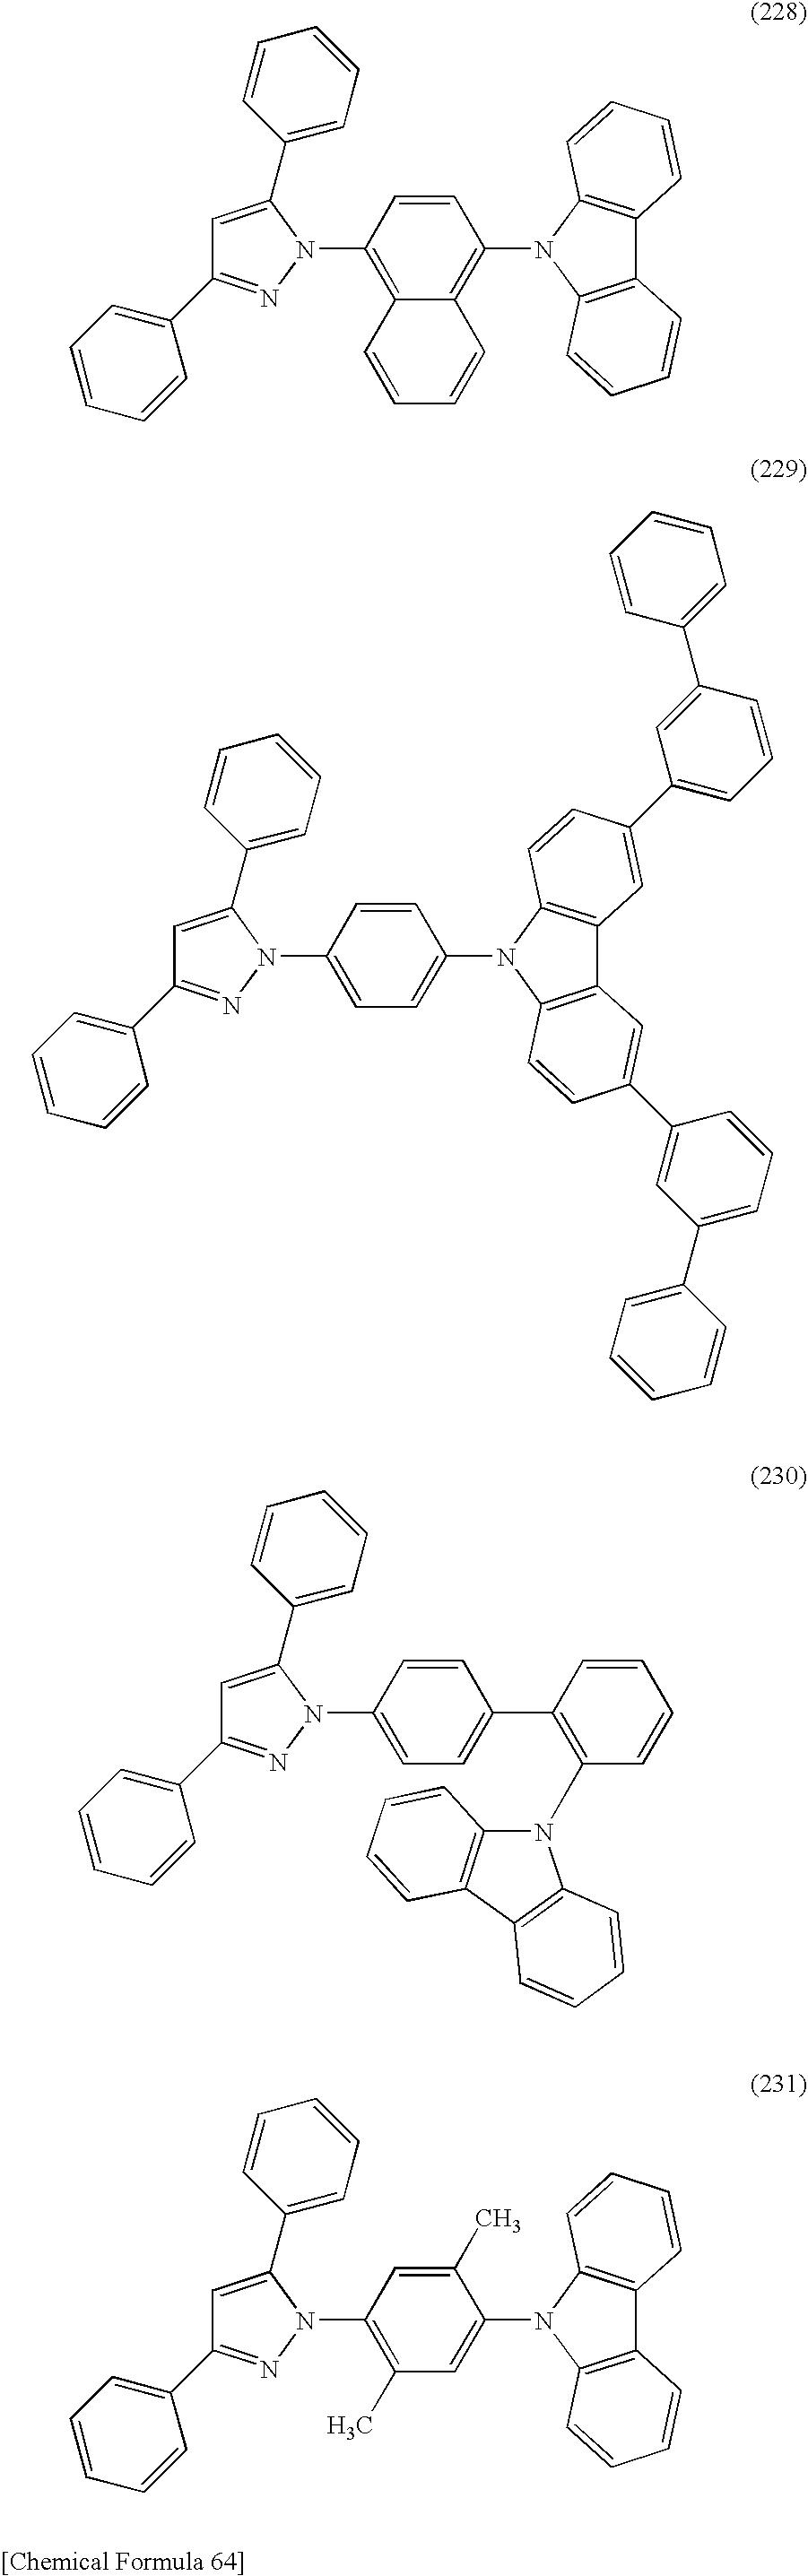 Figure US08551625-20131008-C00078